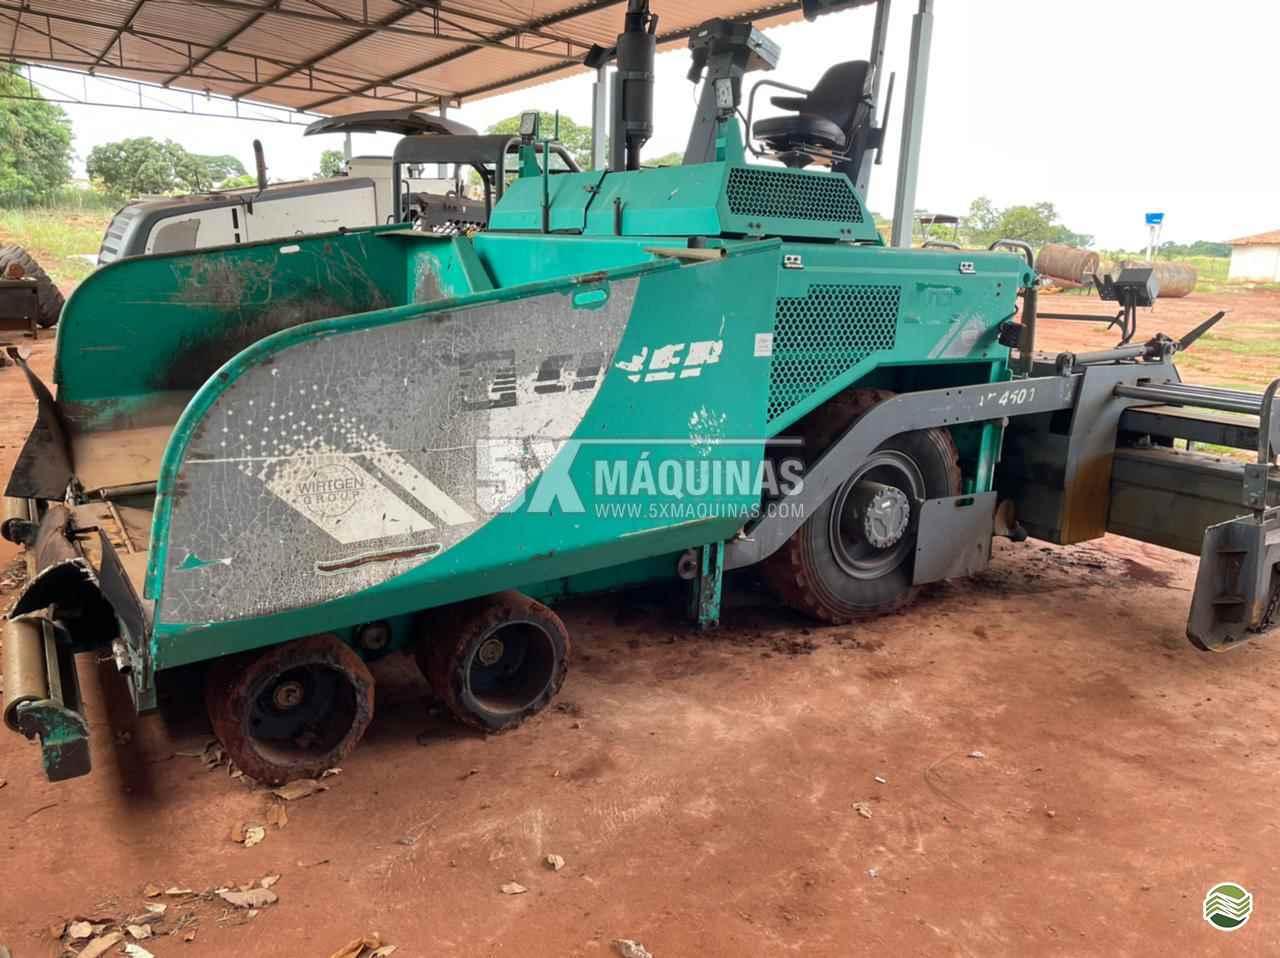 EQUIPAMENTOS CONSTRUÇÃO VIBRO ACABADORA 5X Máquinas  CAMPO GRANDE MATO GROSSO DO SUL MS